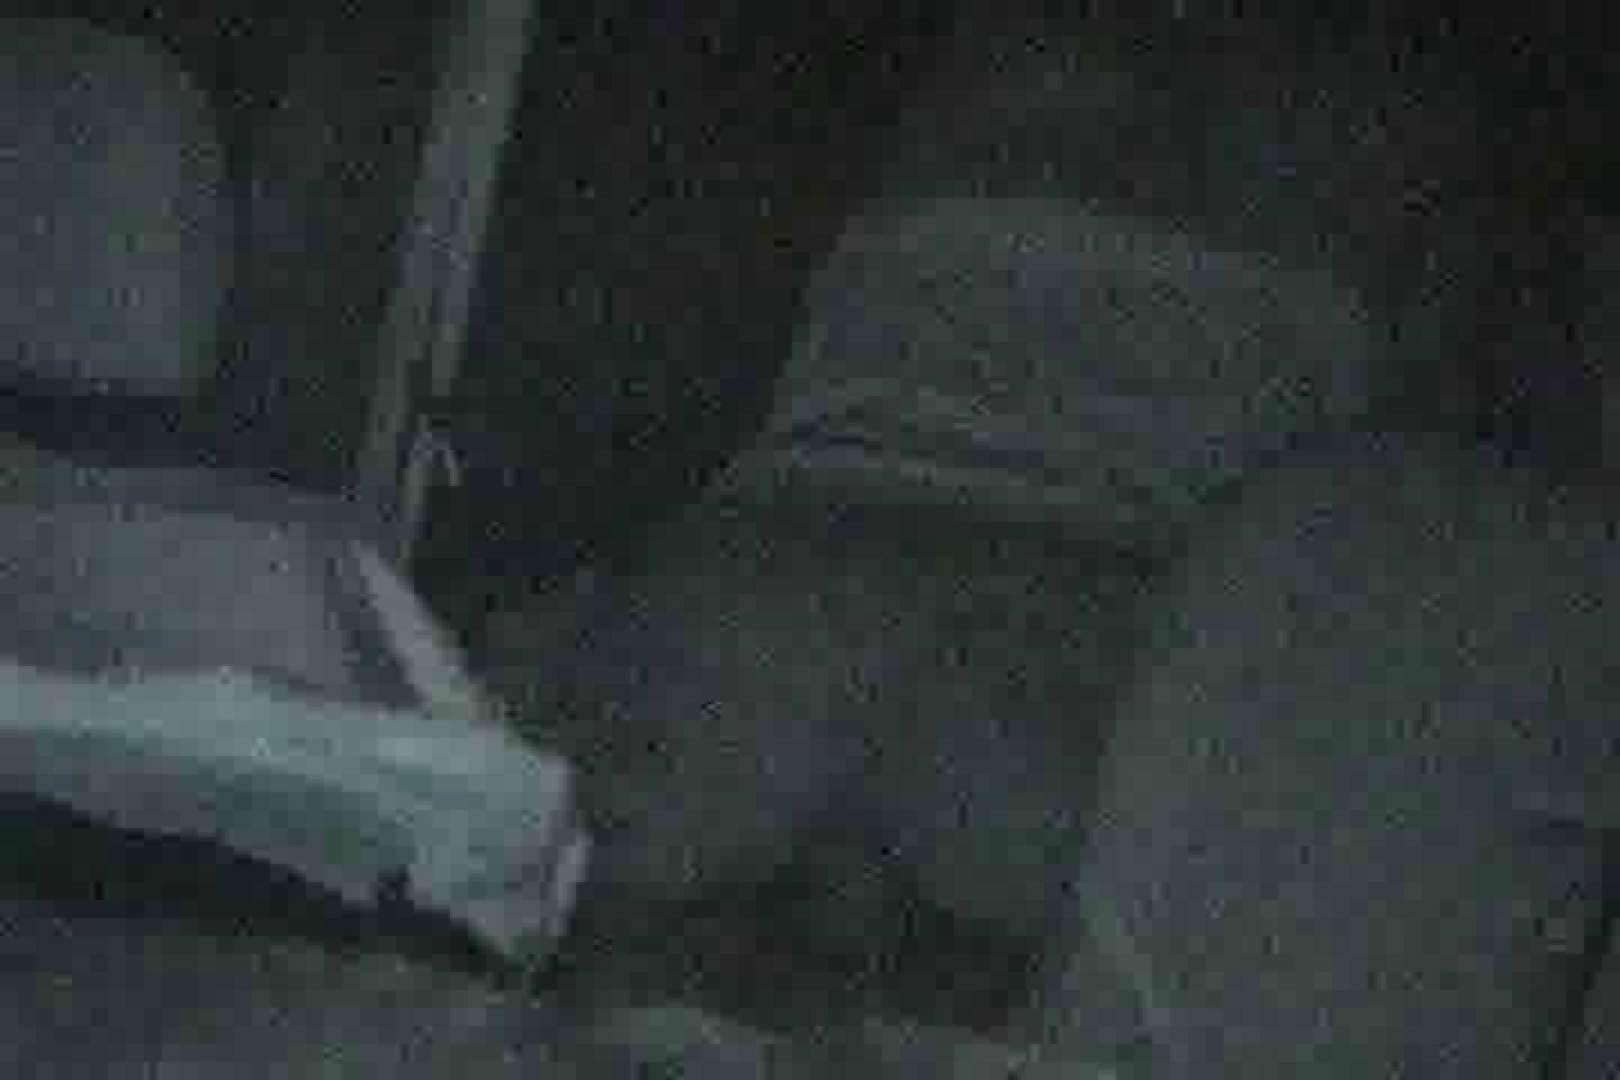 充血監督の深夜の運動会Vol.22 現役ギャル オマンコ動画キャプチャ 88pic 82